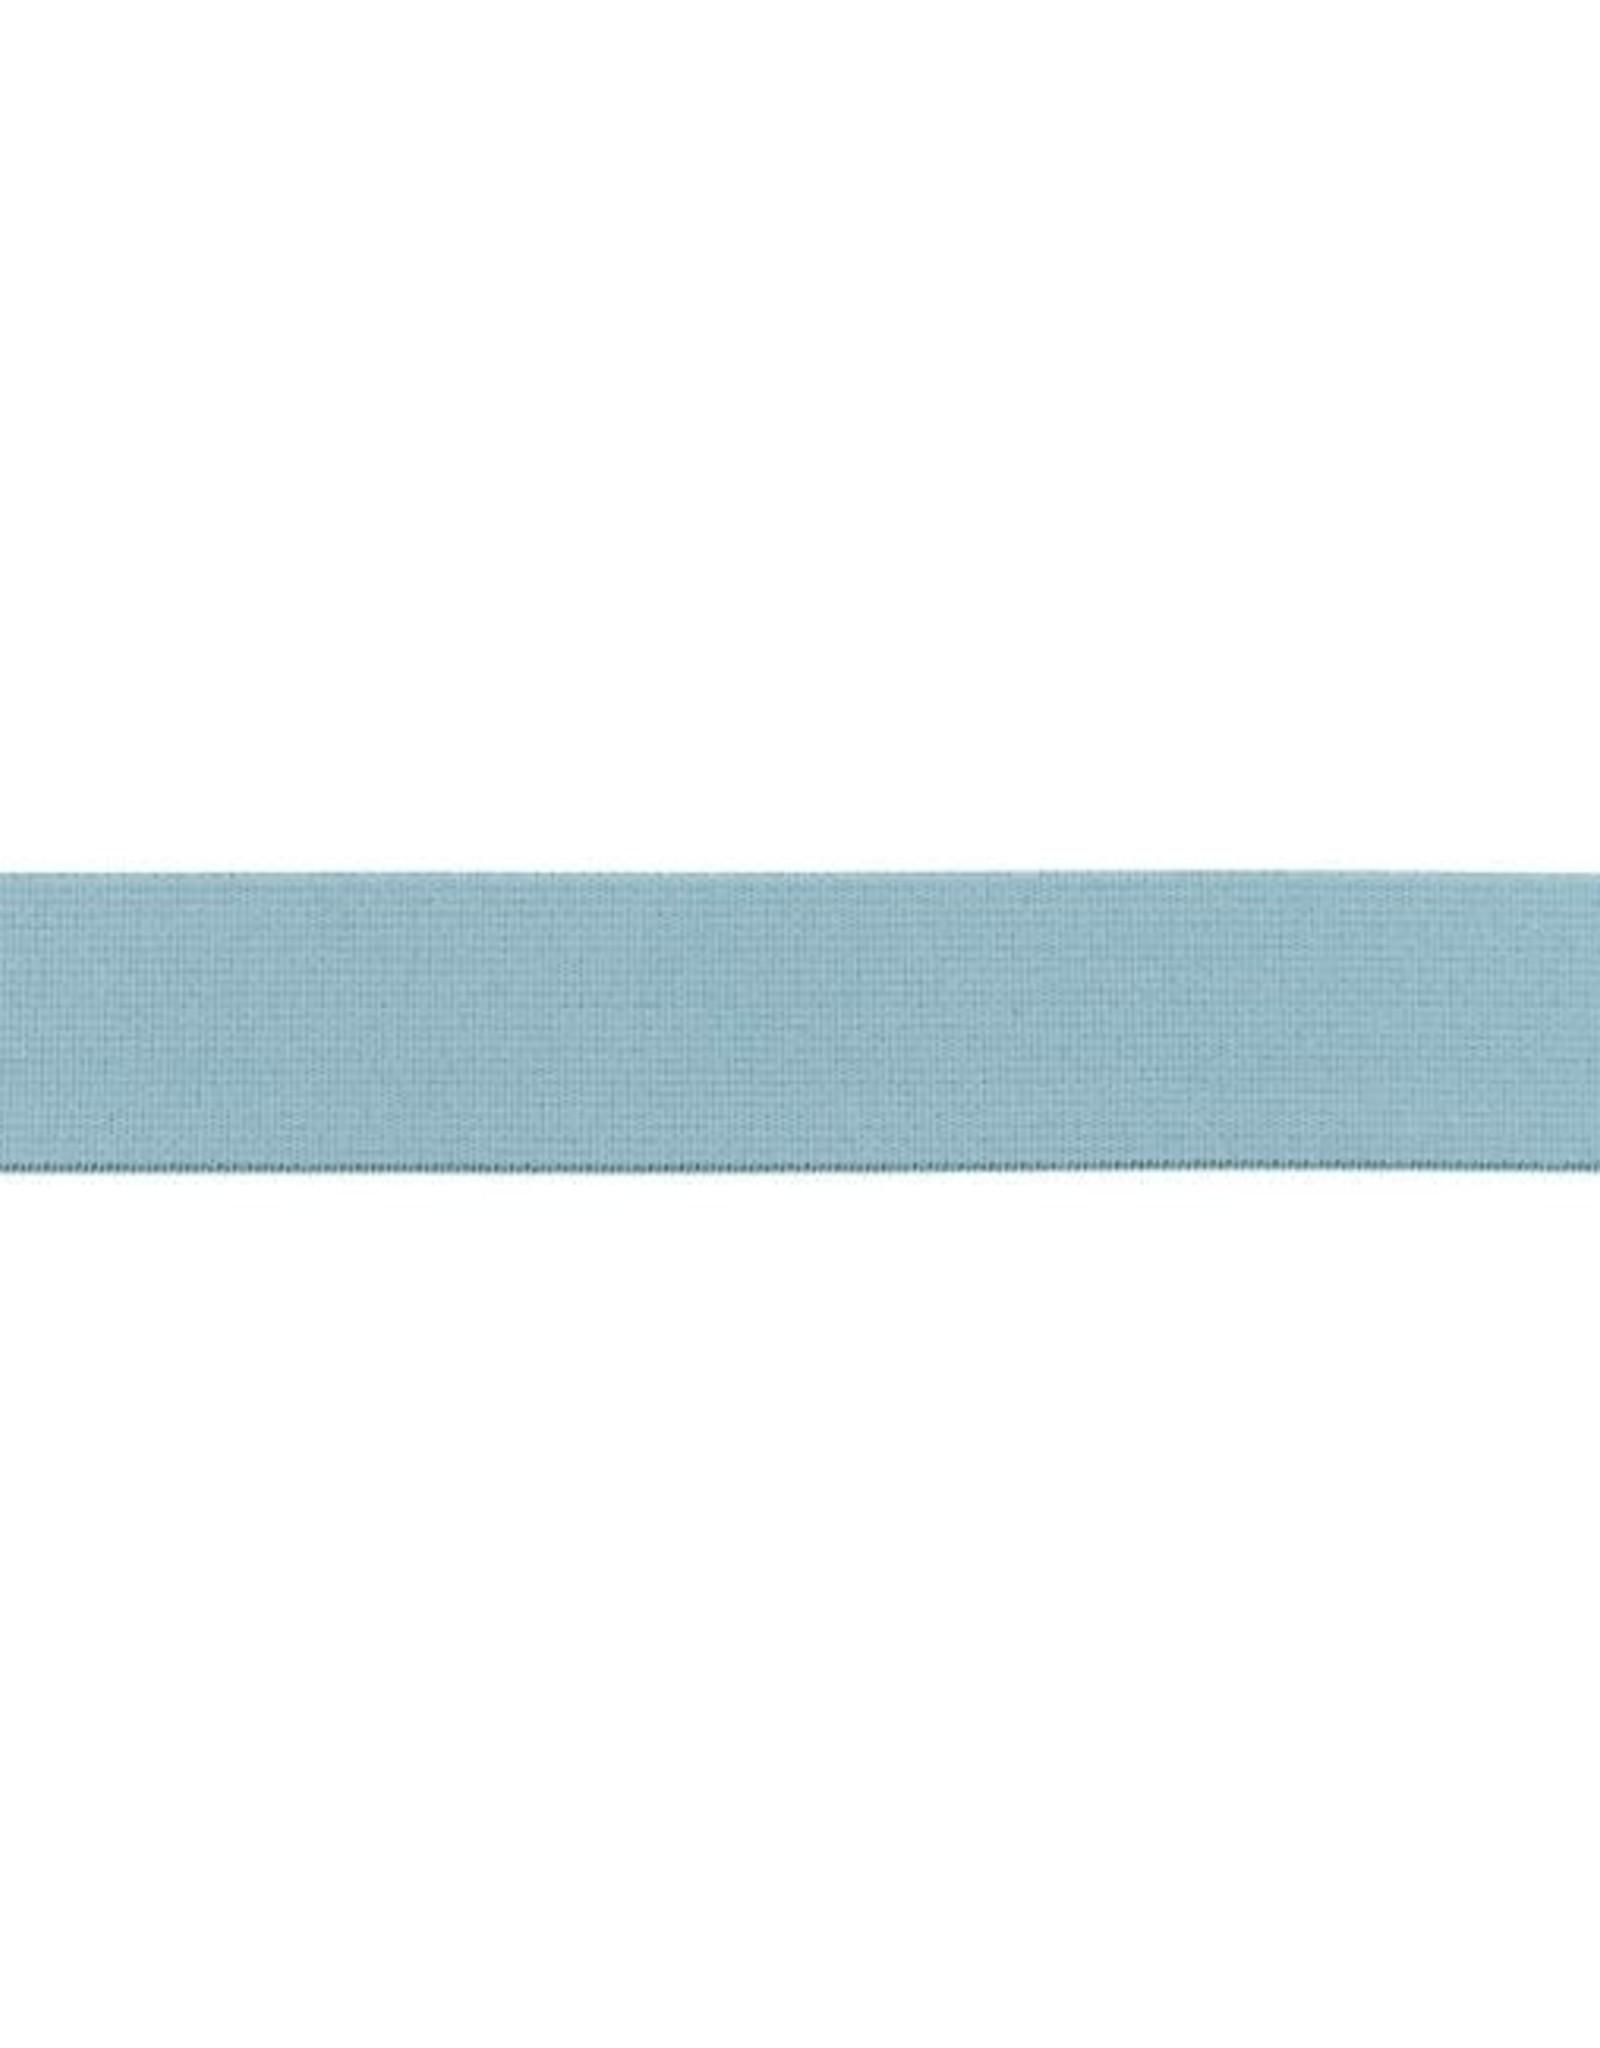 Soft elastiek 25mm - Zachtblauw